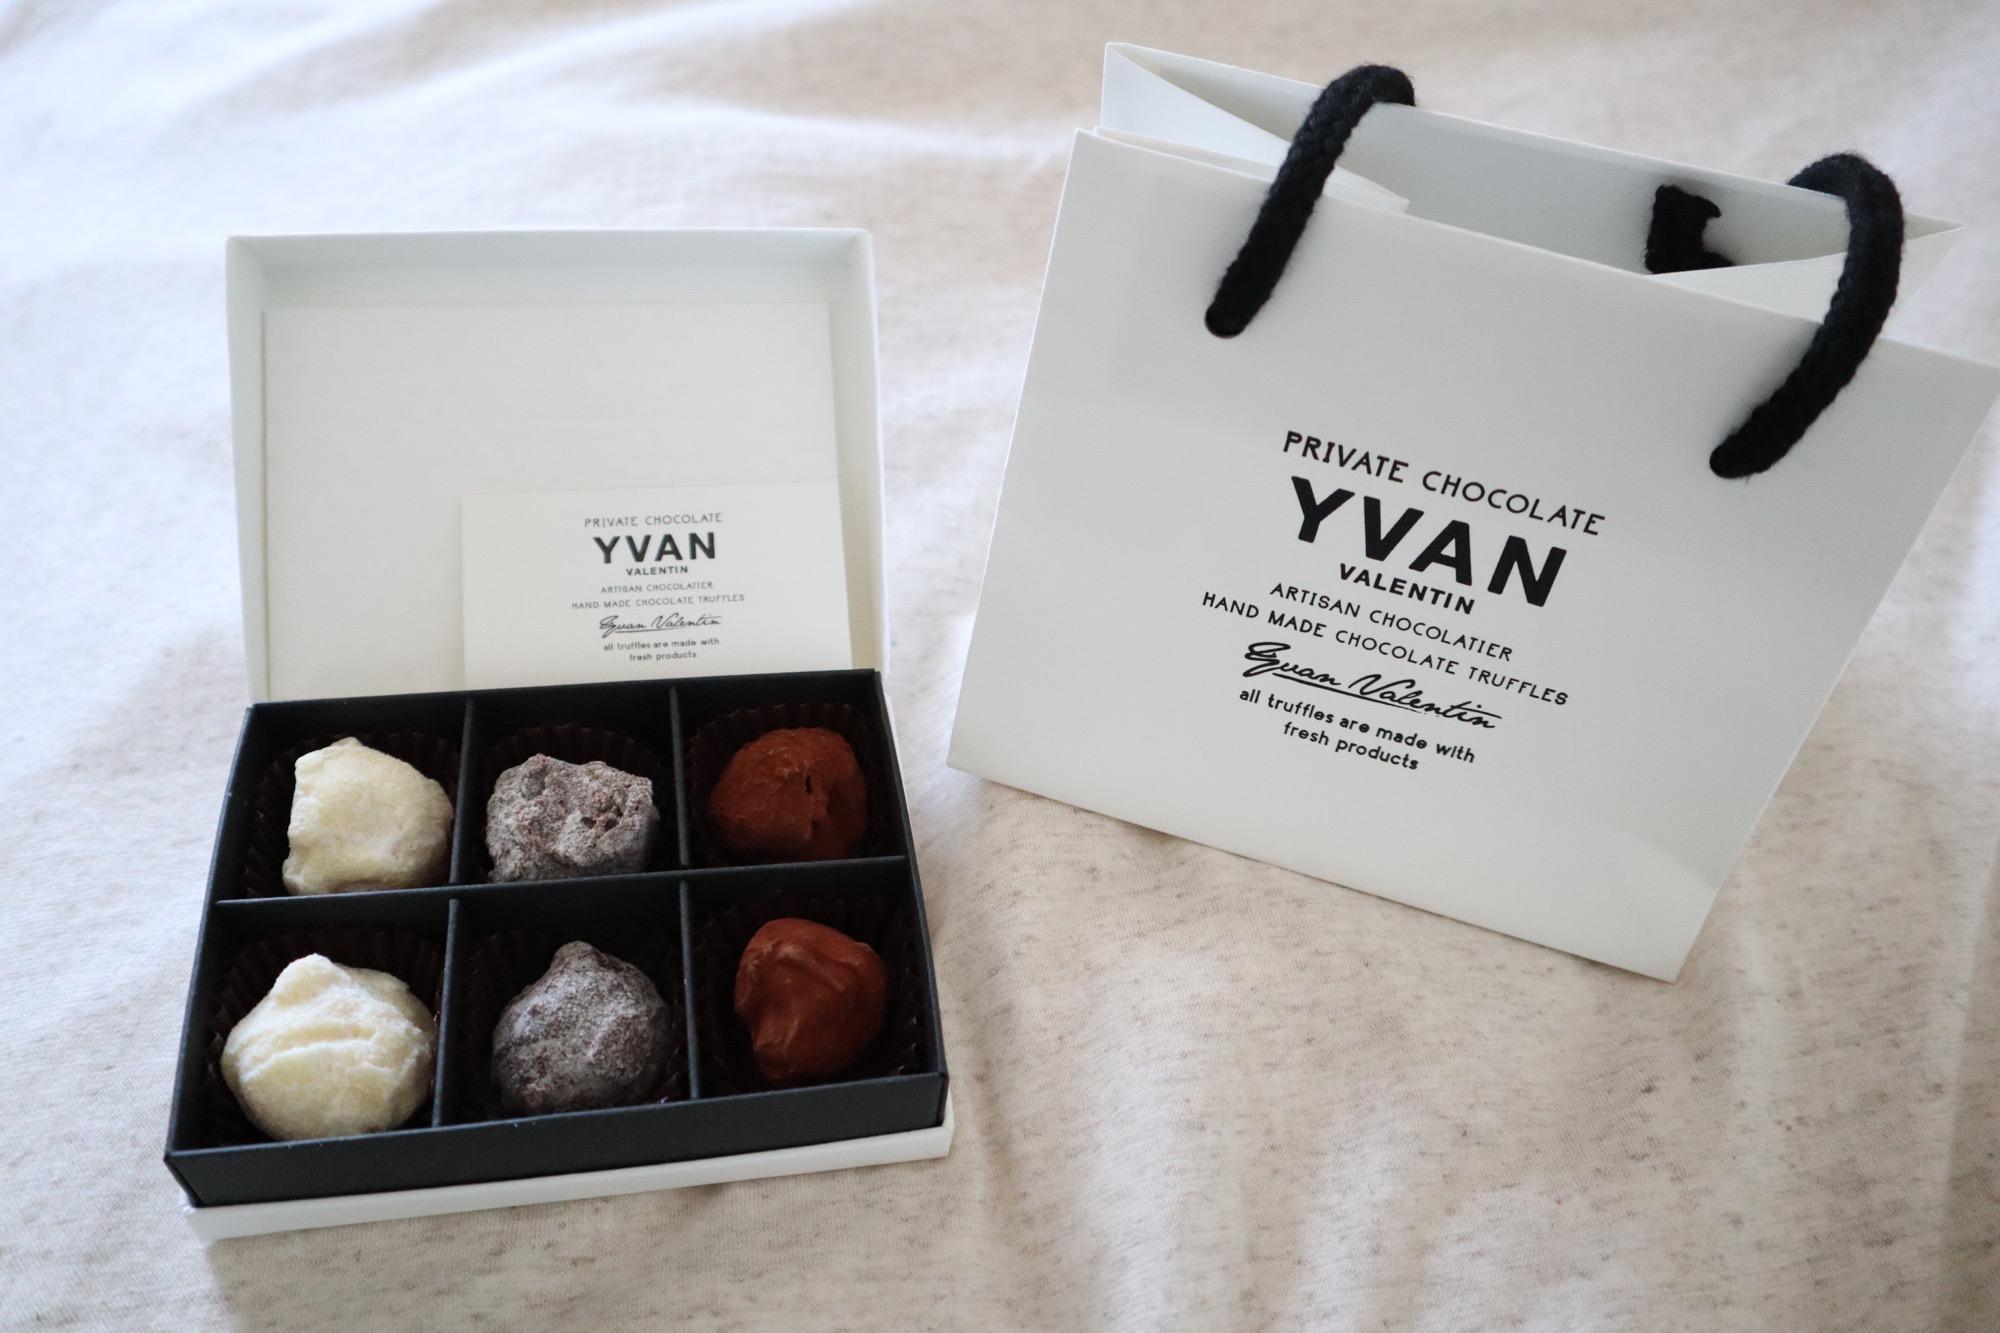 《2021バレンタイン❤️》完売必至!あの!激レア【YVAN VALENTIN】チョコ購入方法をレポ☝︎❤︎_4